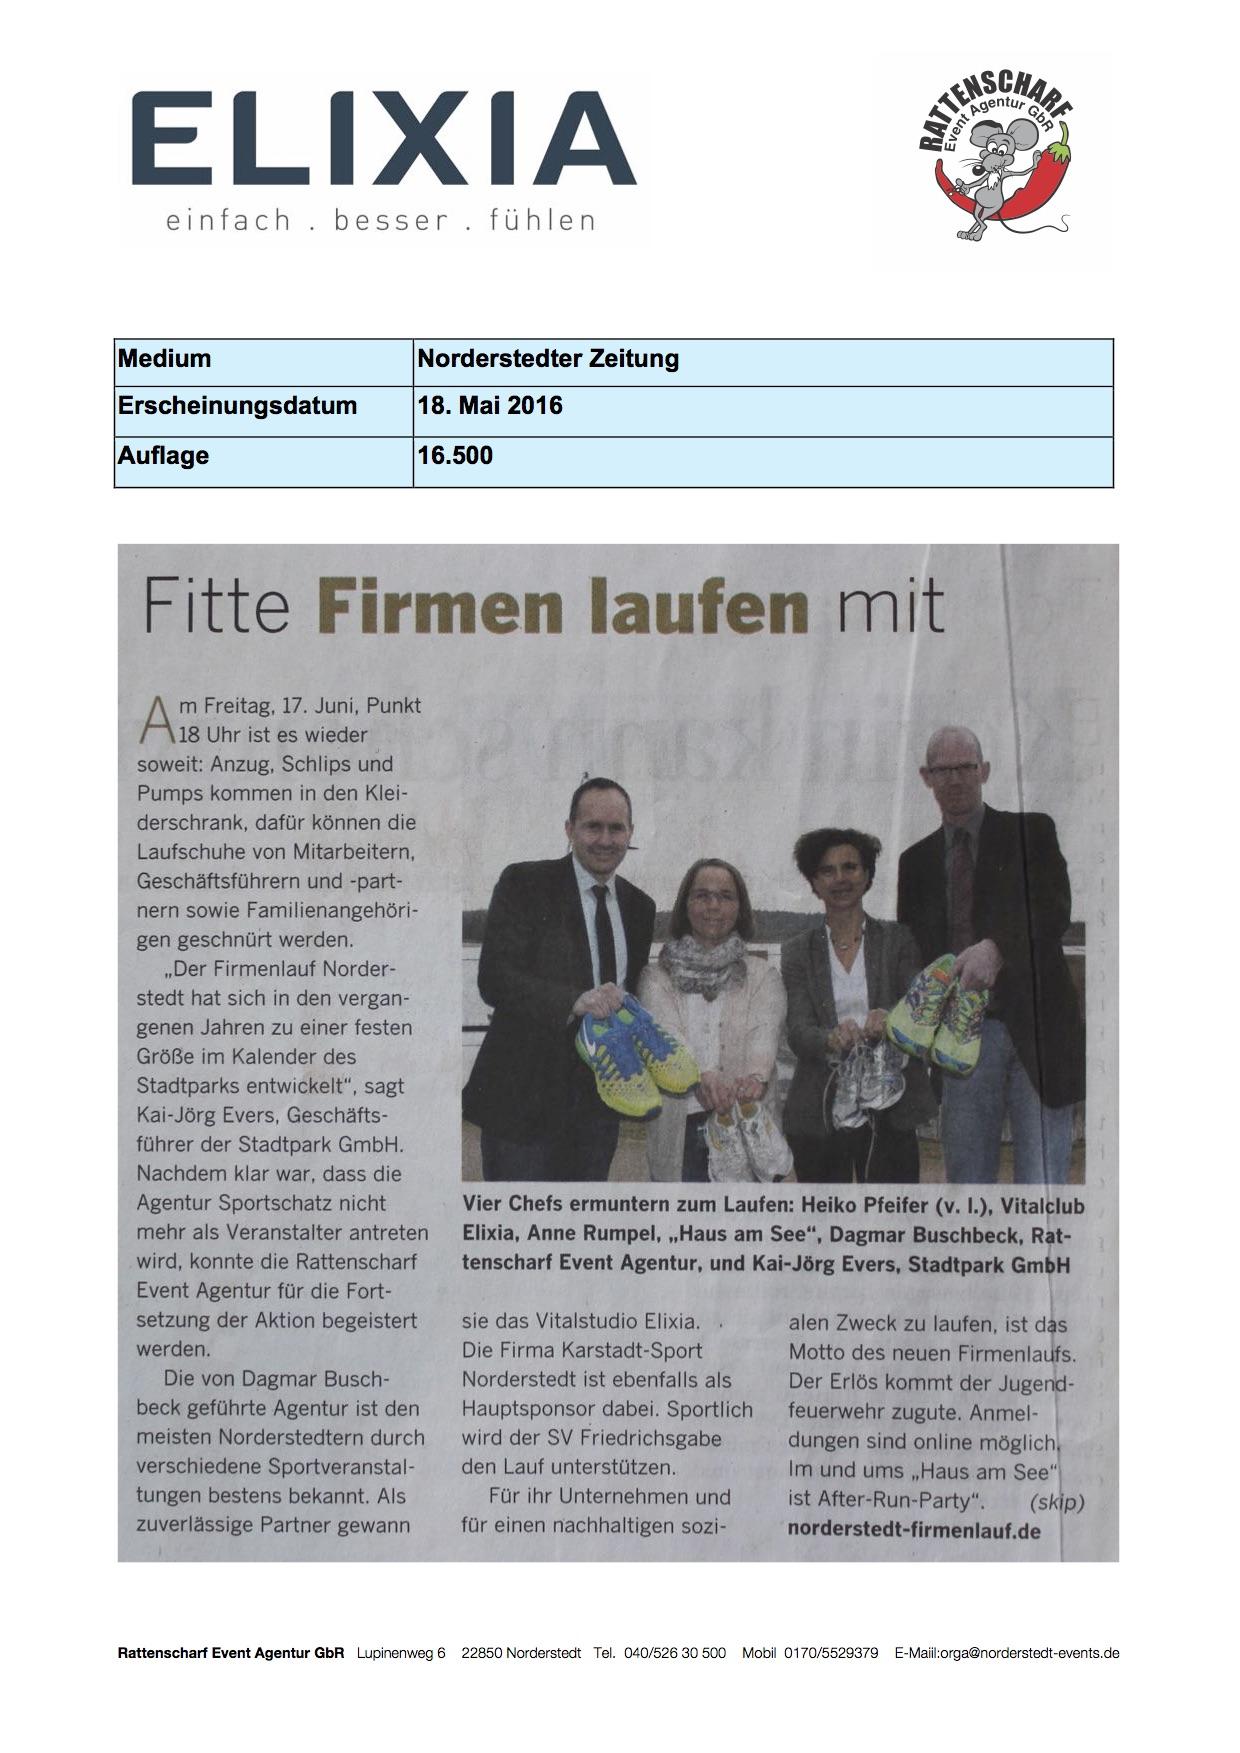 Norderstedter Zeitung 18. Mai 2016